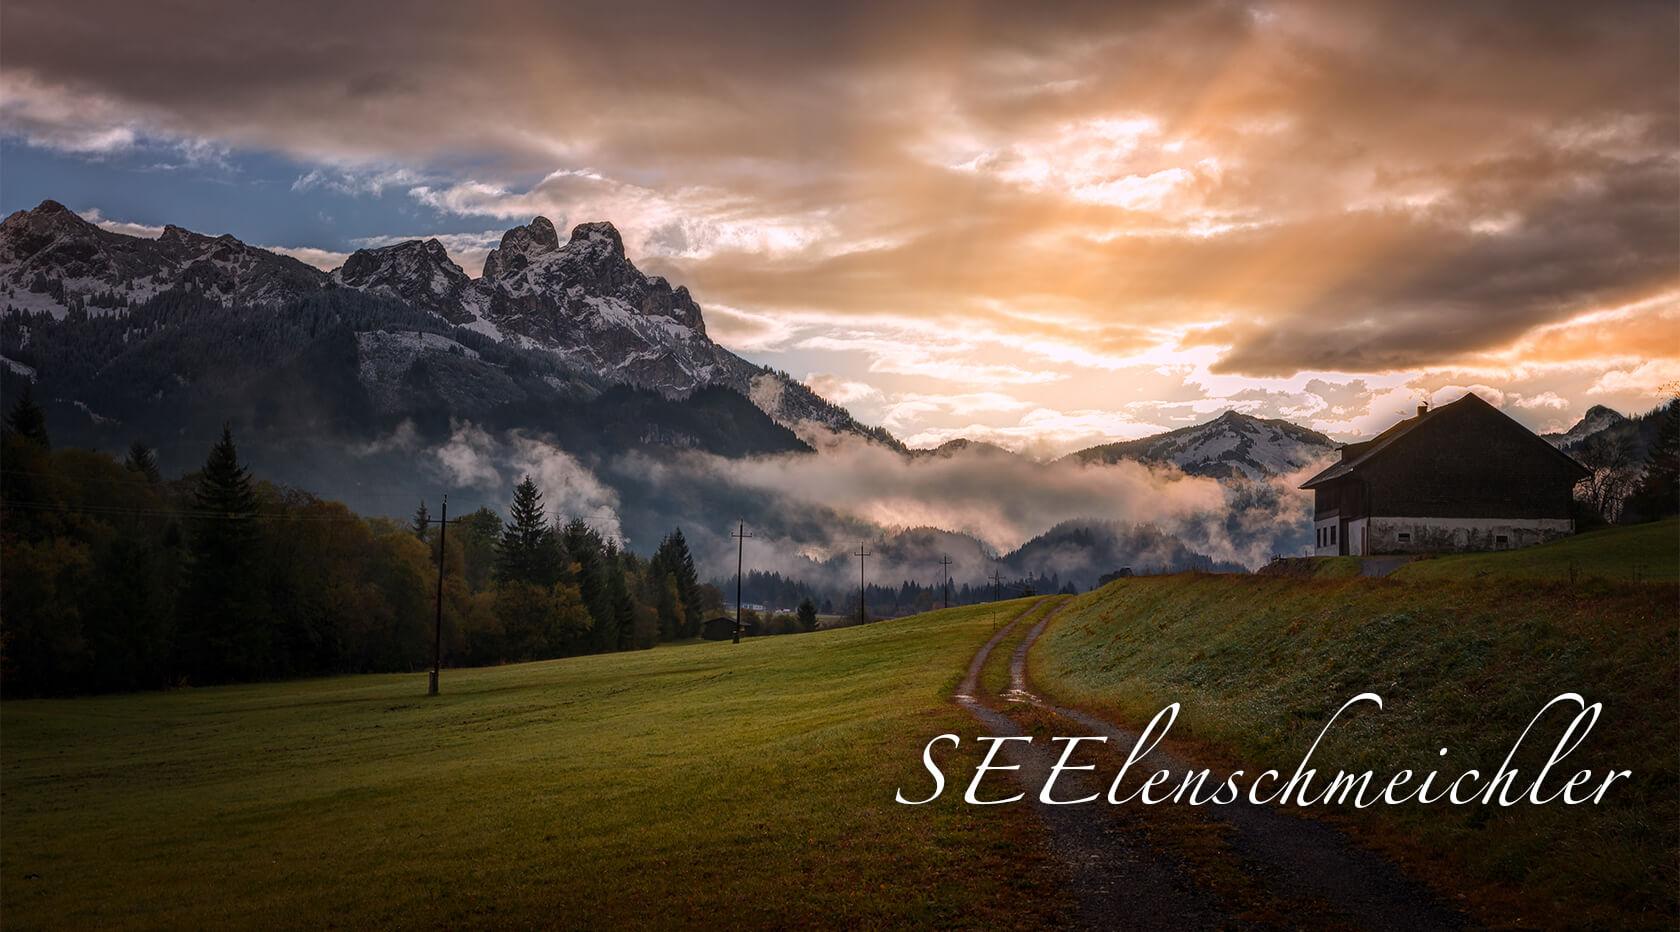 SEElenschmeichler -  Ruhe und Wellness - Hotel Via Salina